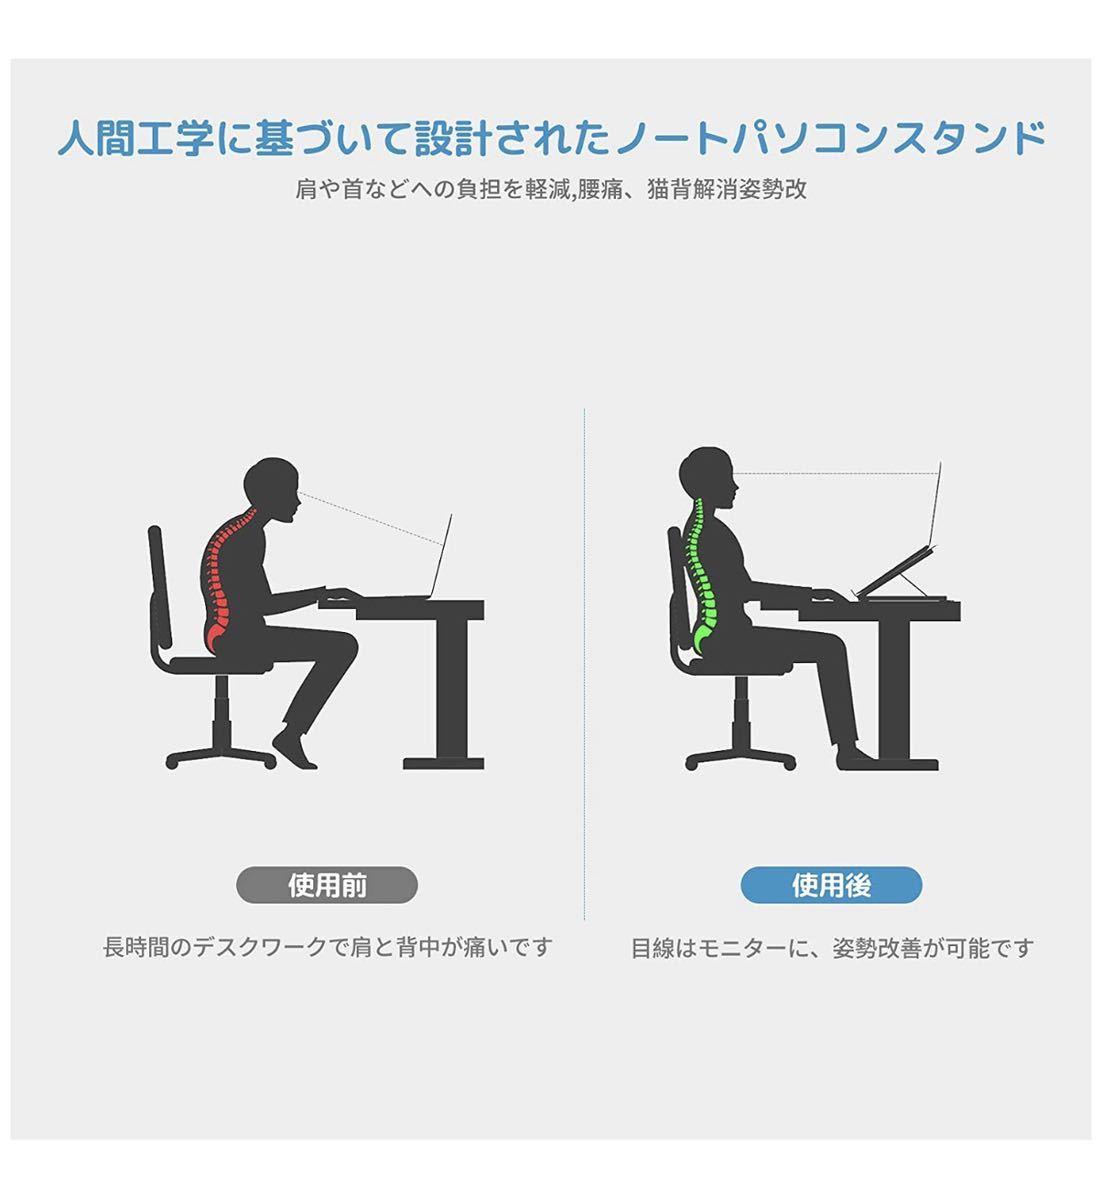 パソコンスタンドpc ノートパソコン スタンド折りたたみ式 3段の高さ調節アルミ合金製 オンライン授業仕事 腰痛/猫背解消姿勢改(シルバー)